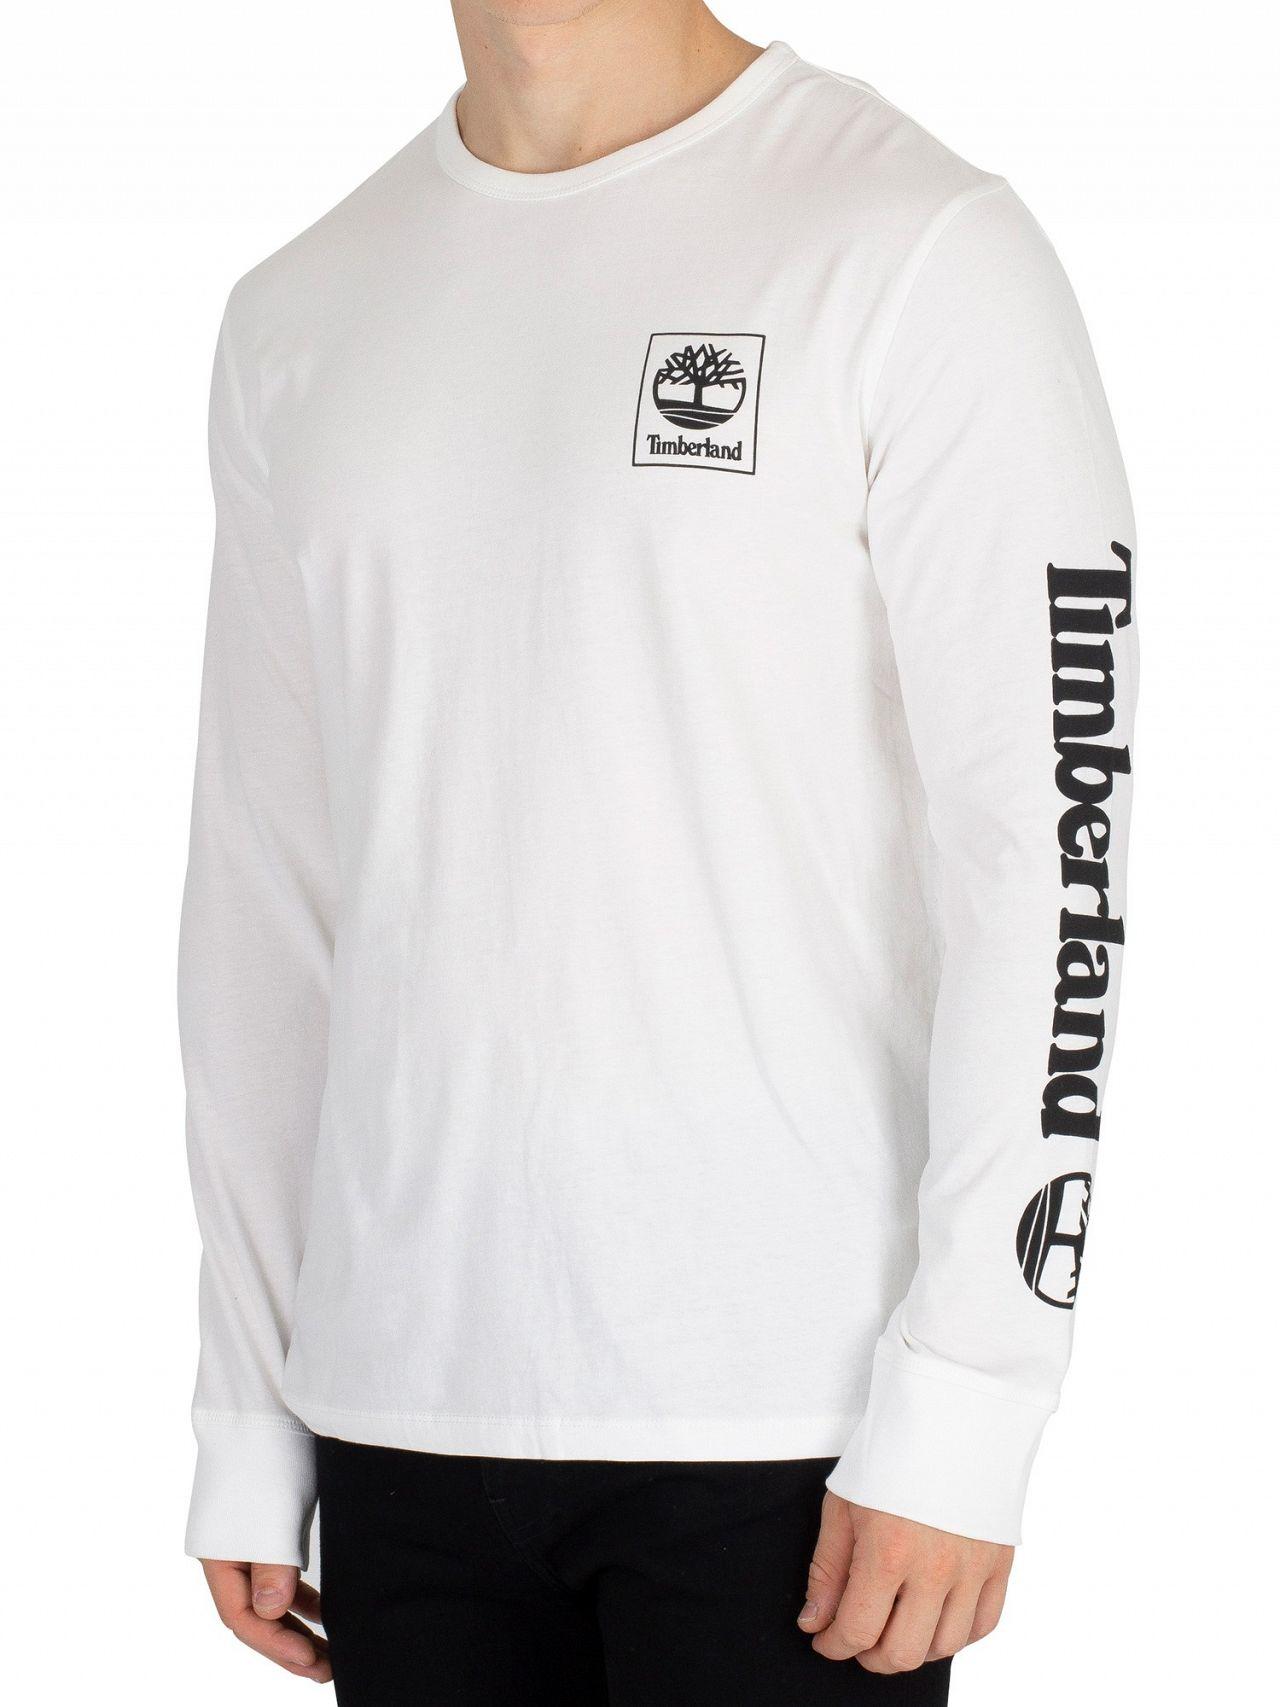 Timberland White Longsleeved Seasonal T-Shirt   Standout 5a31b885e0